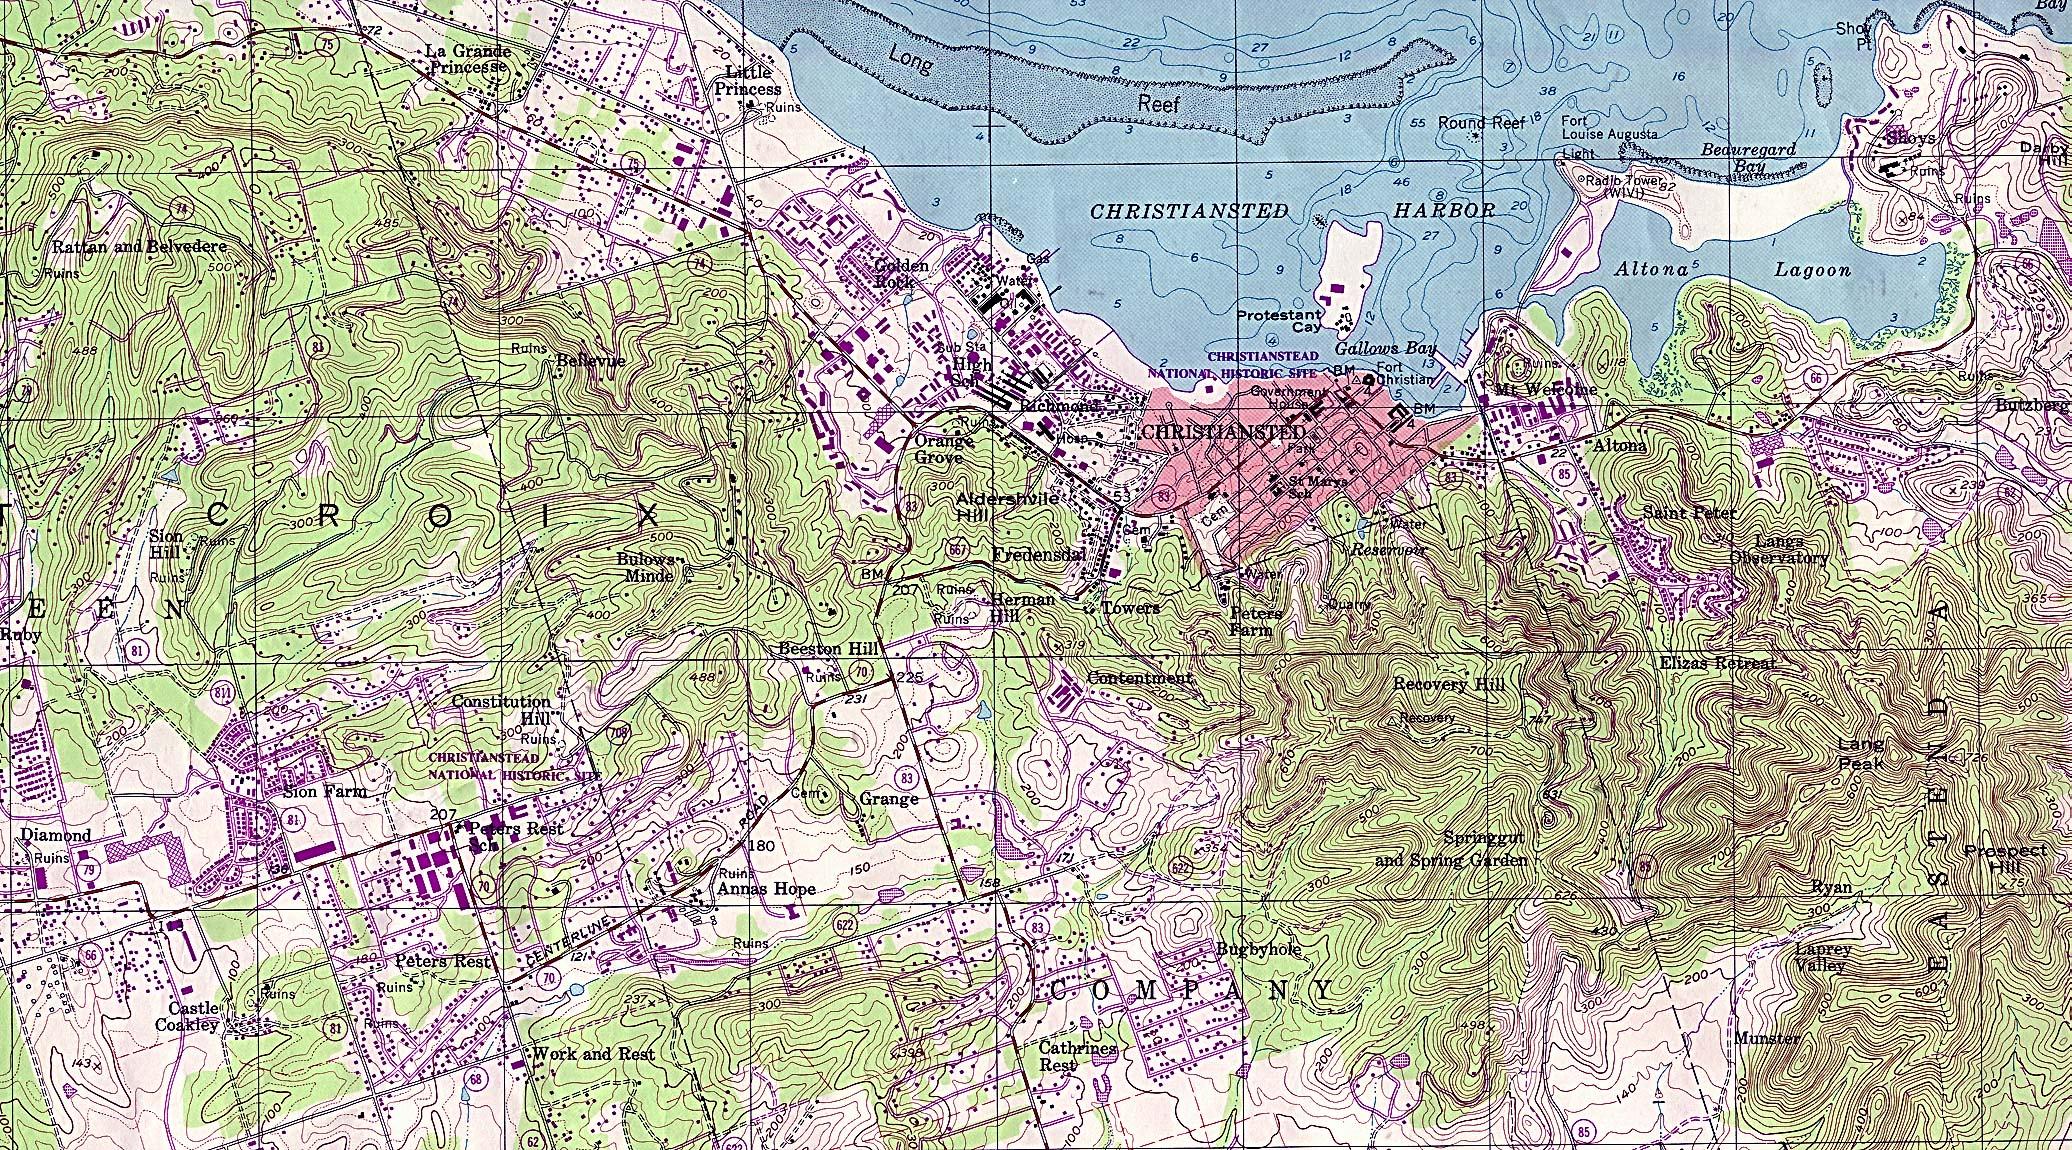 US Virgin Islands Maps  PerryCastaeda Map Collection  UT